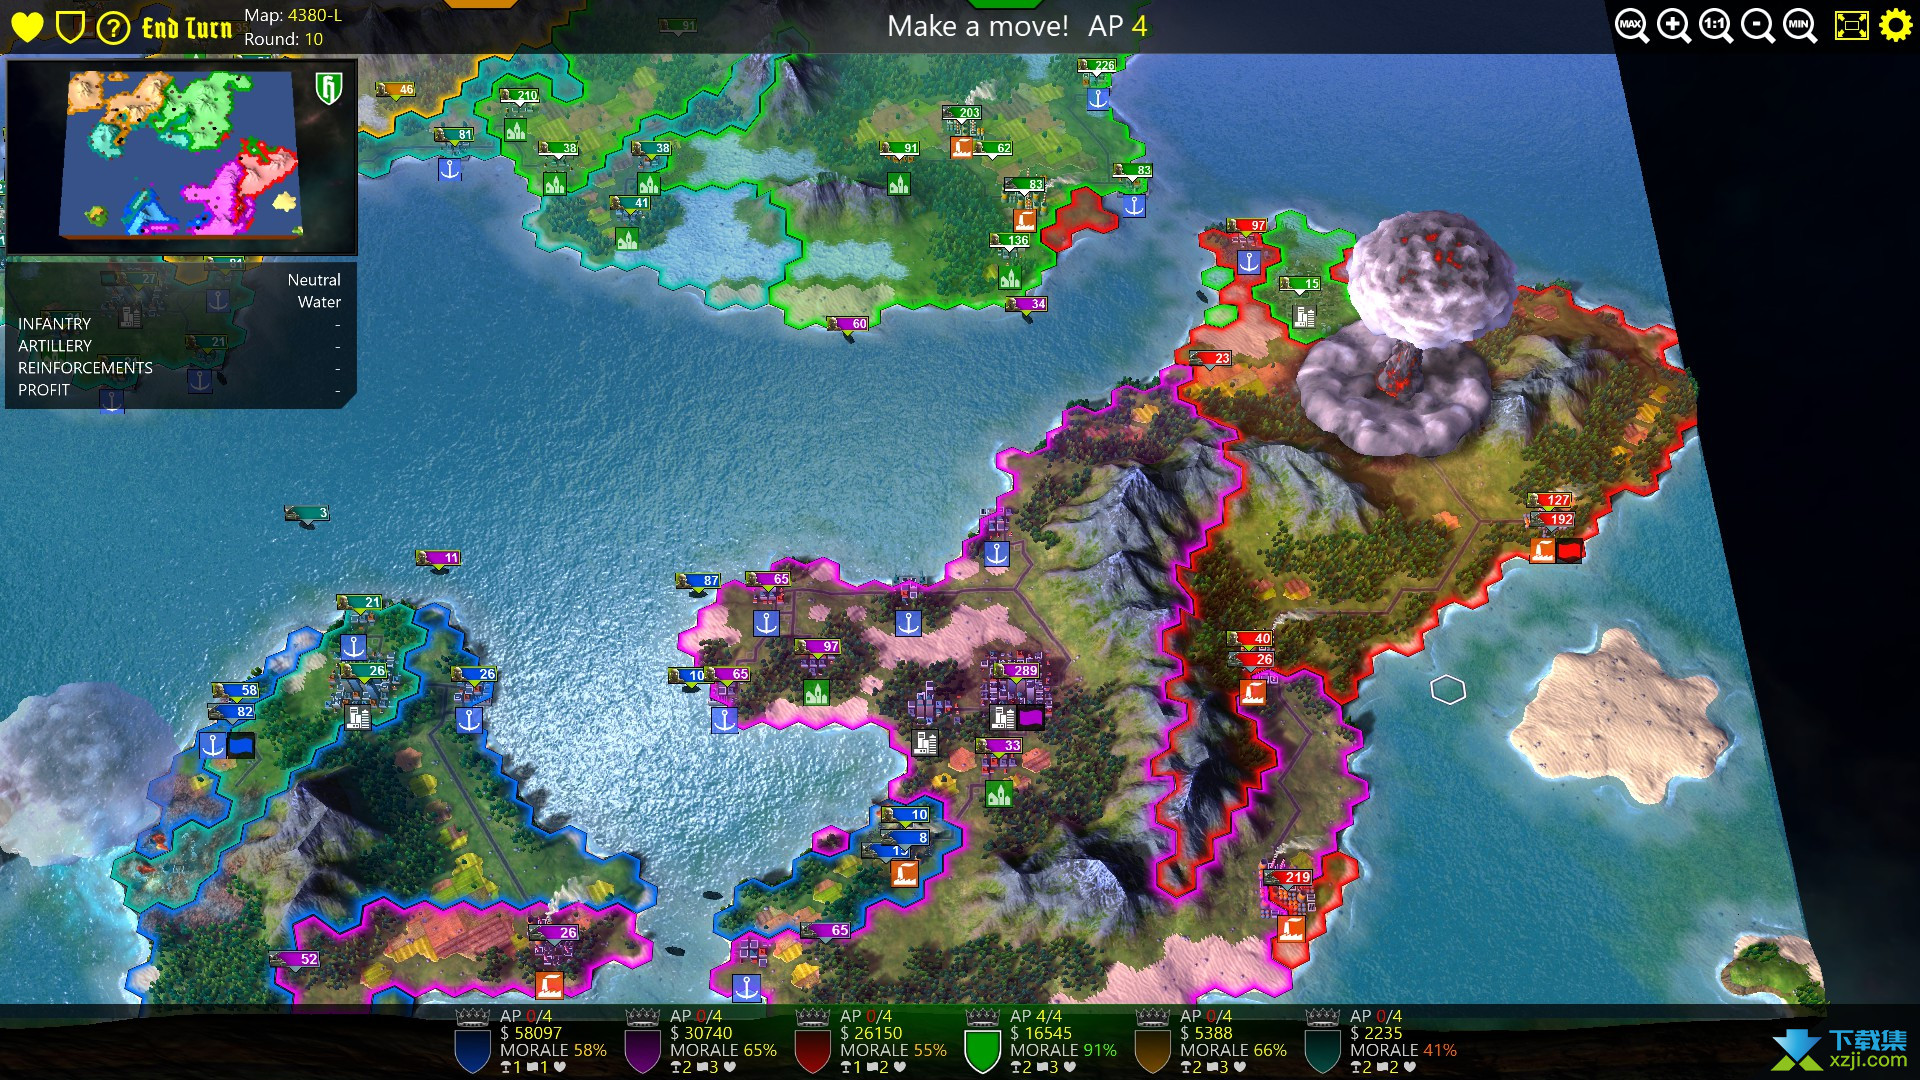 六角帝国3界面4